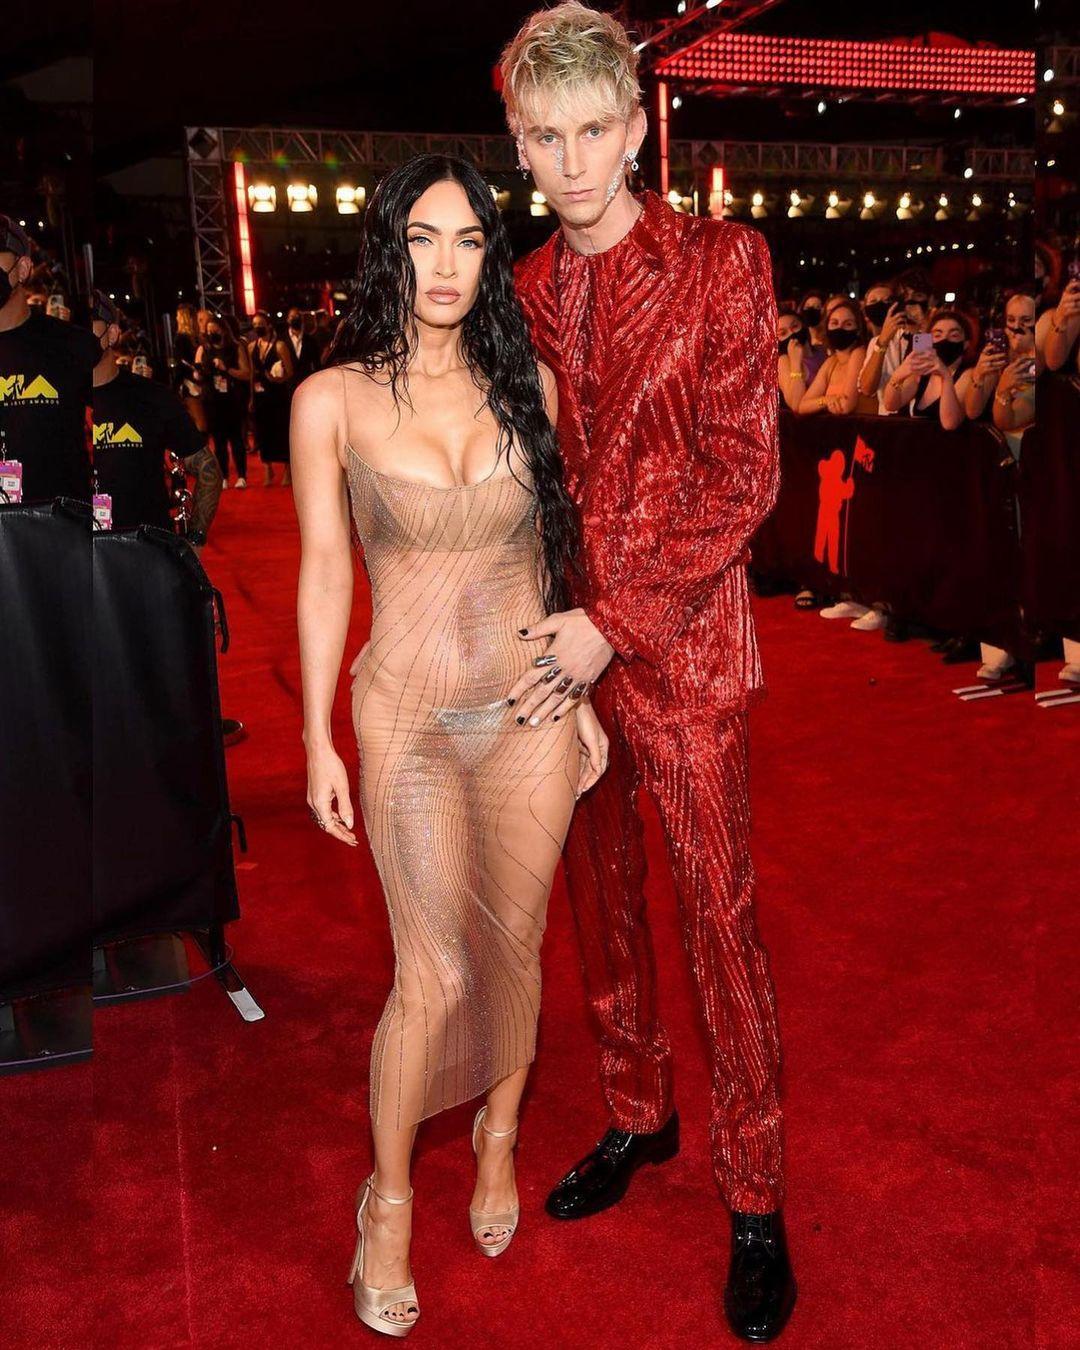 """Megan Fox goi nho chiec 241855471 249063183772646 3427357725472576456 n 1631500840 230 width1080height1350 Megan Fox gợi nhớ chiếc """"váy lộ 99% cơ thể"""" tai tiếng nhất lịch sử thảm đỏ"""